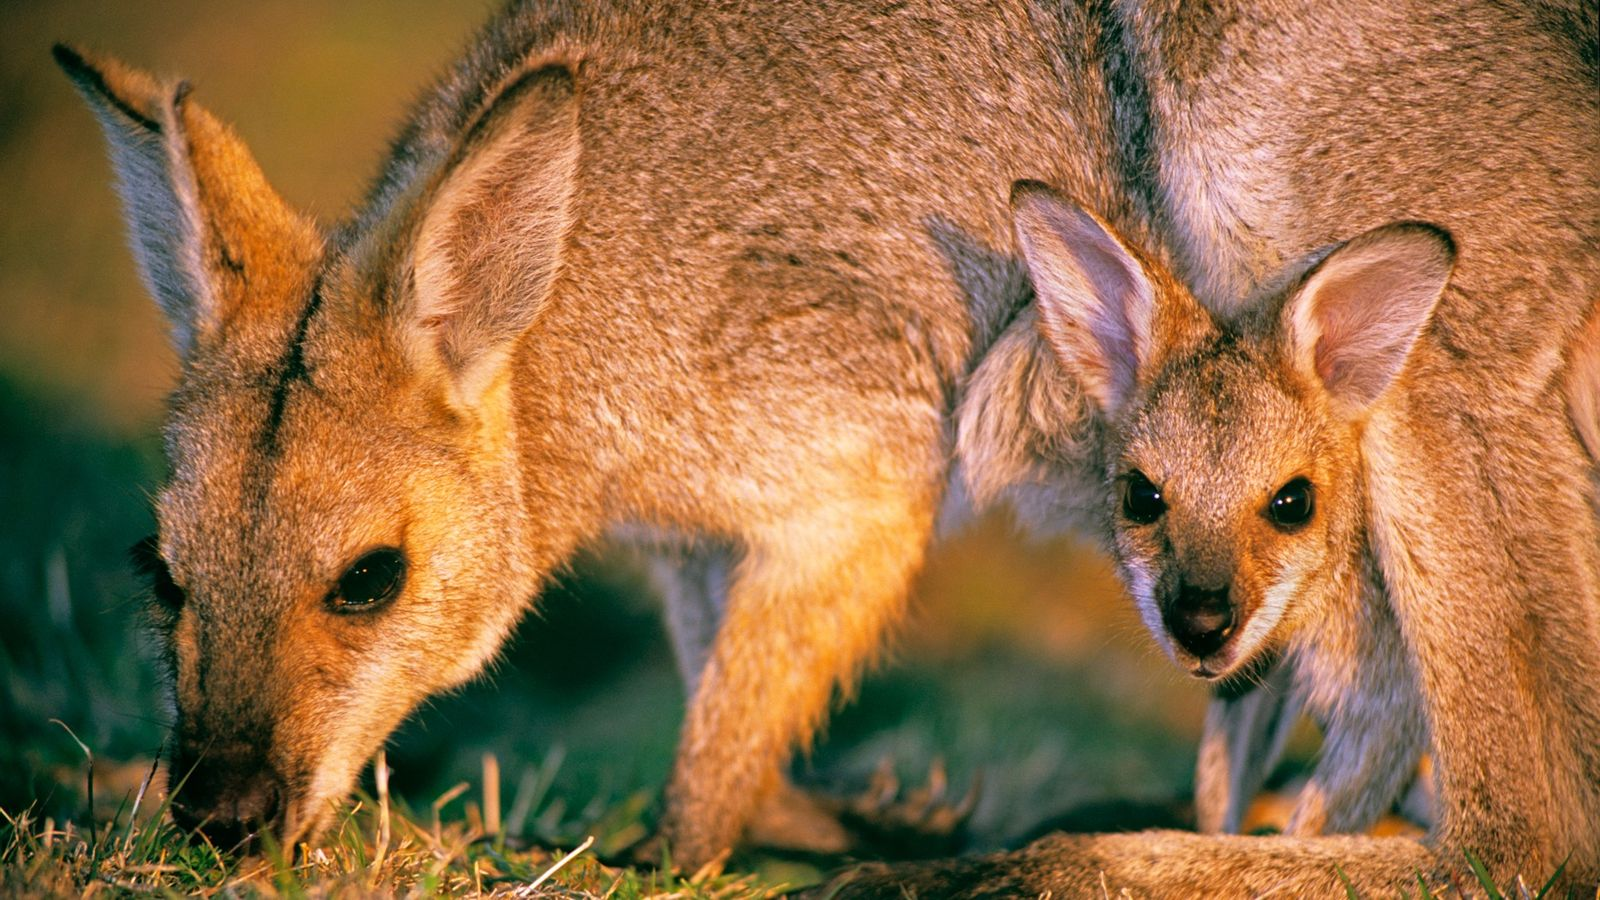 Os wallabies, animais marsupiais, nascem do tamanho de jujubas e terminam seu desenvolvimento na bolsa de ...